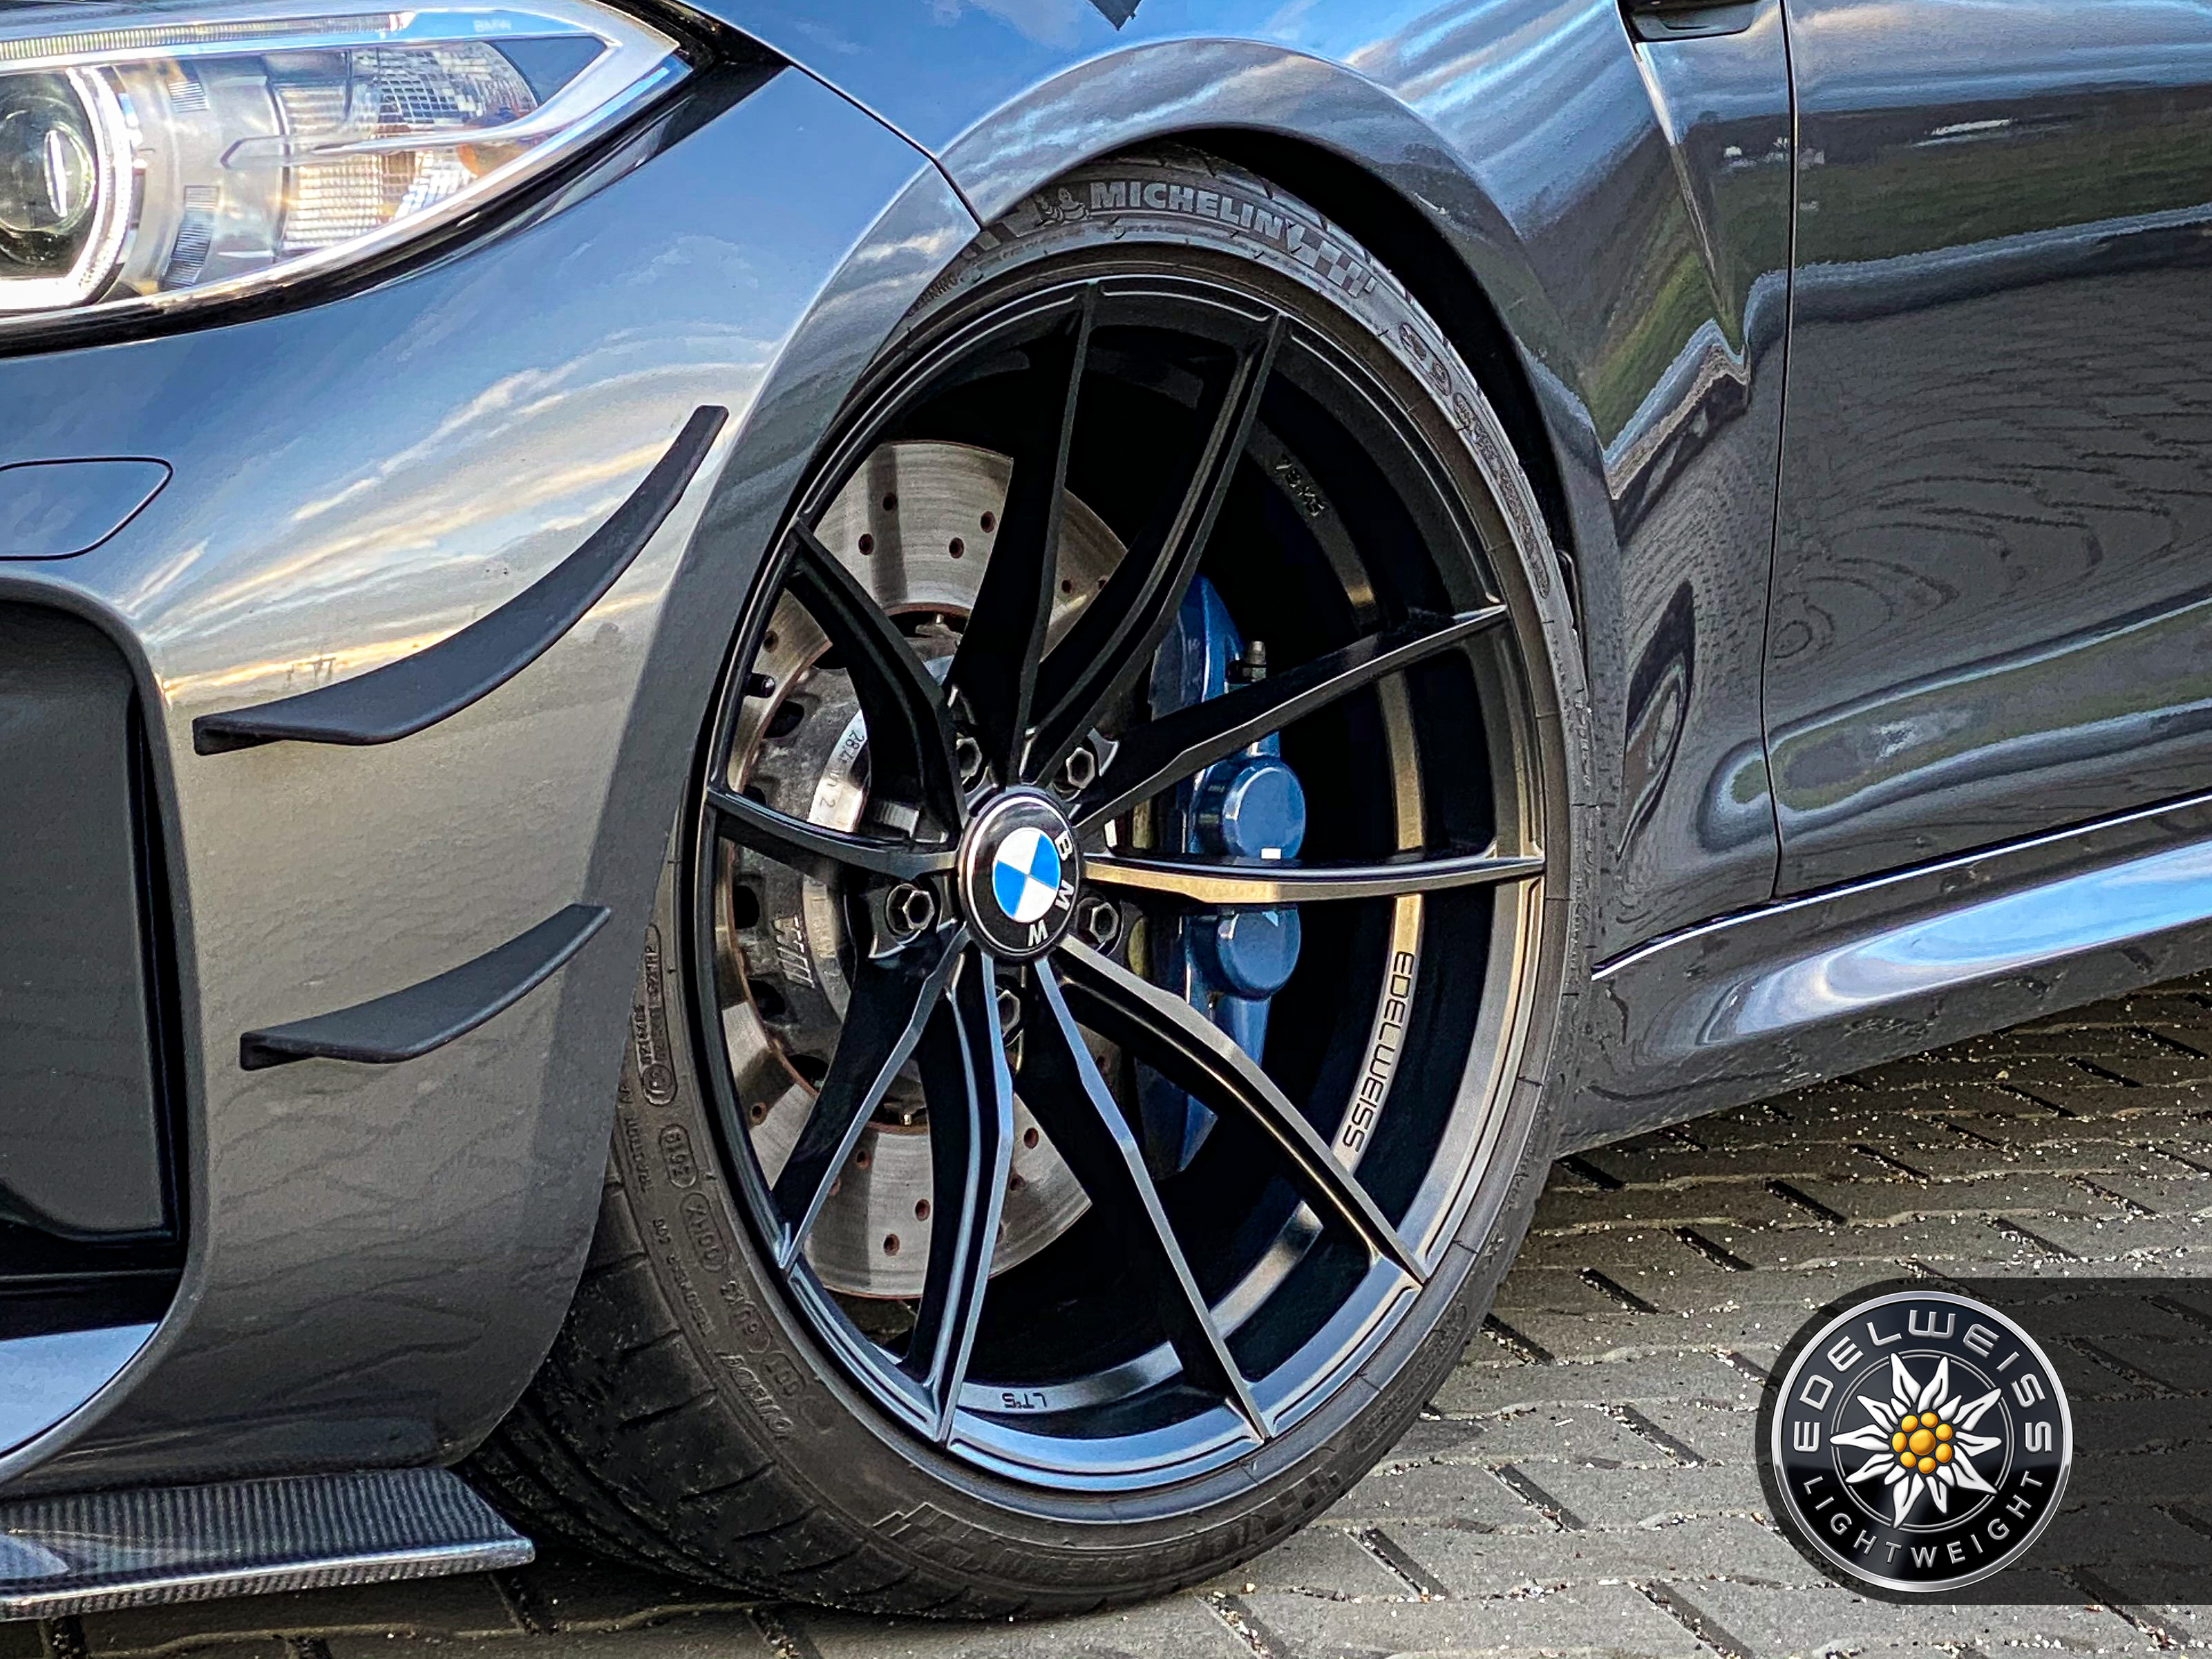 edelweiss-wheels-konkave-felgen-bmw-m2-m3-m4